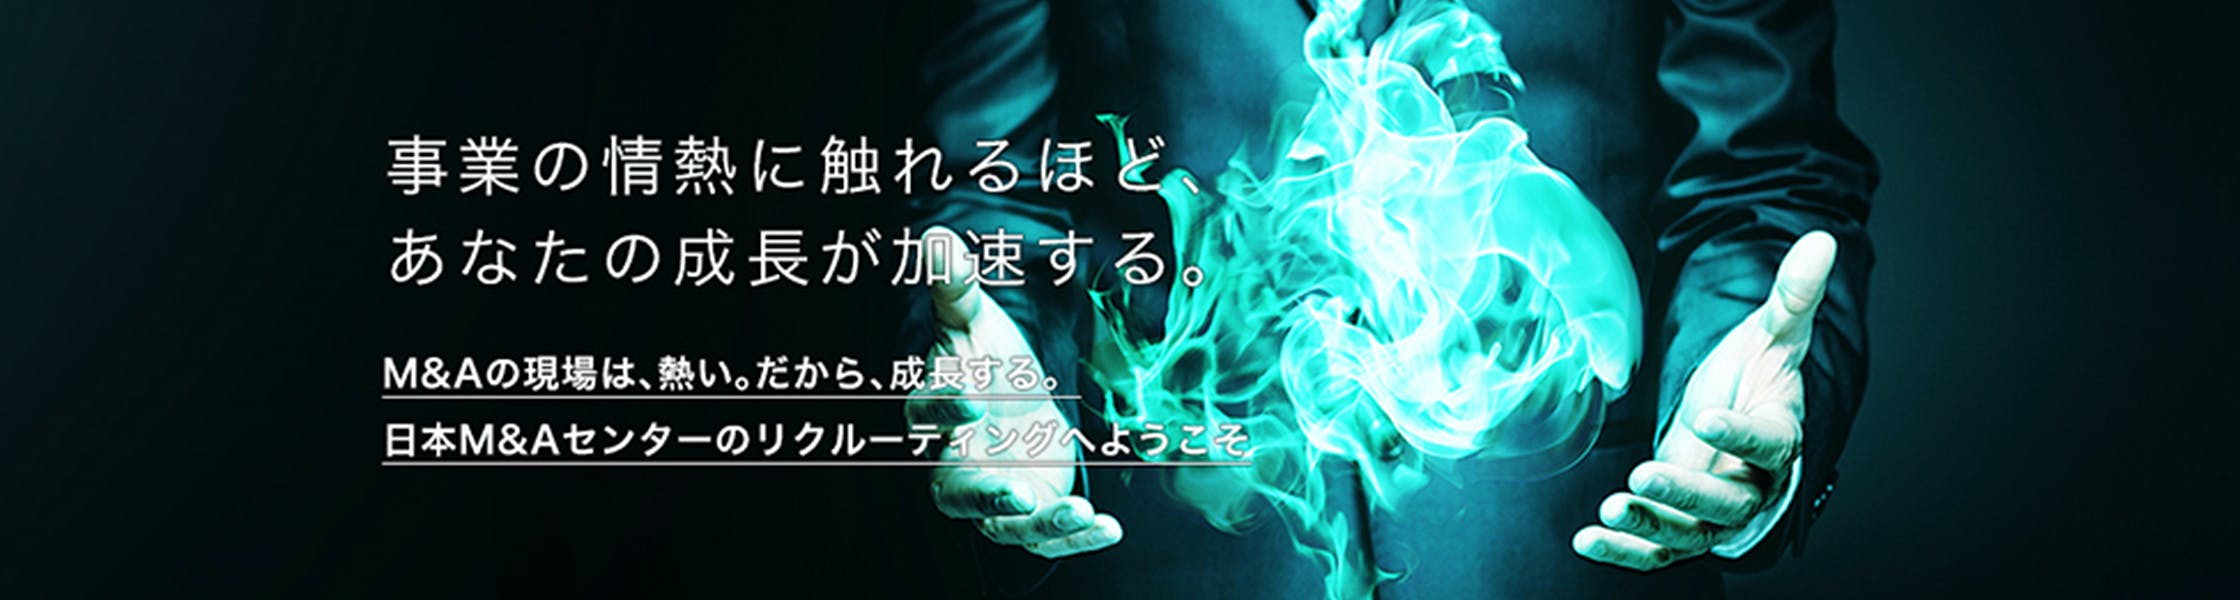 Nihonma 1120x300 2x.jpg?ixlib=rails 3.0